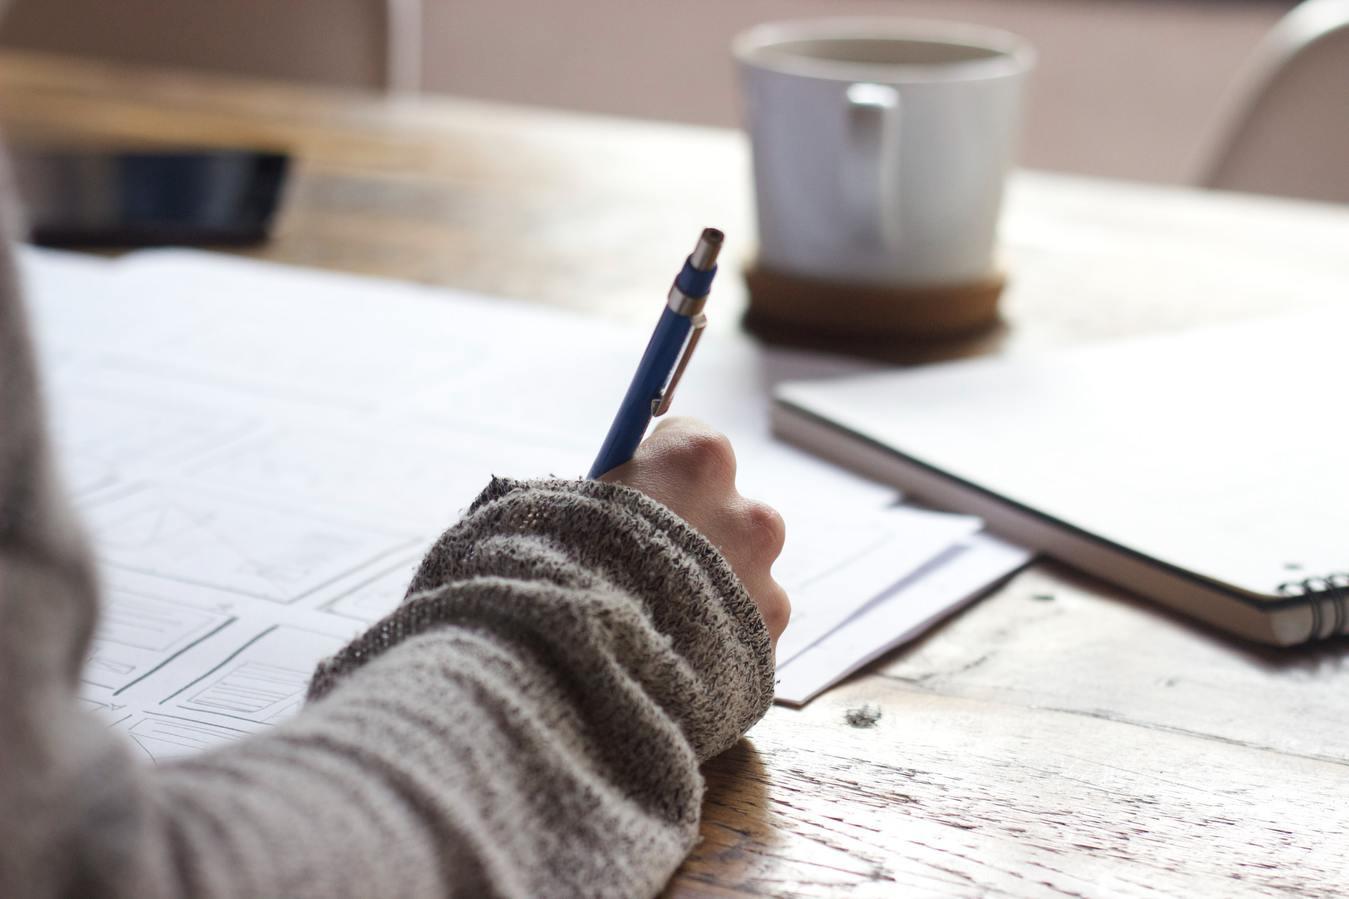 Persona che scrive su un quaderno con una tazza di caffè